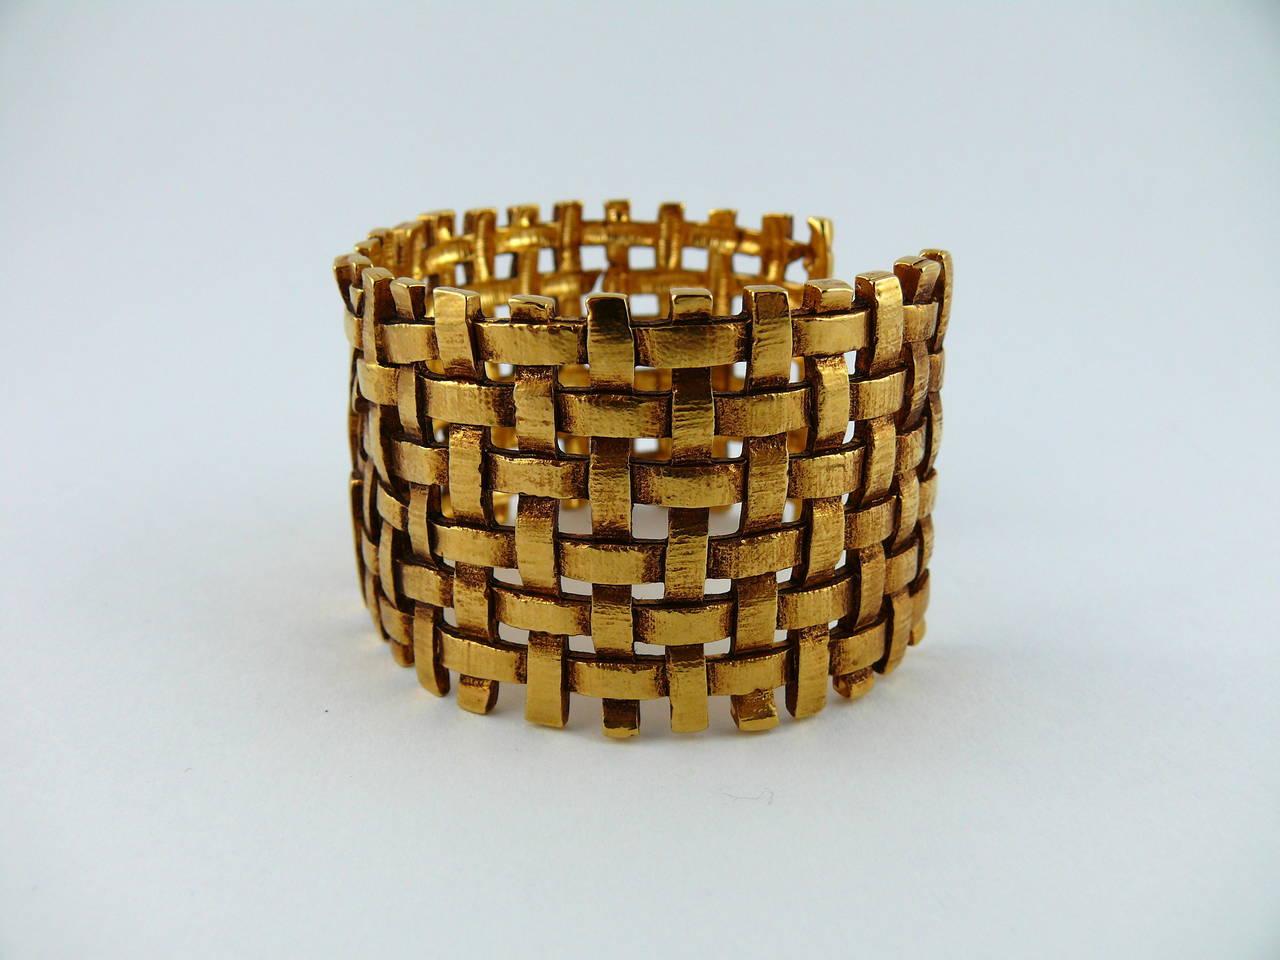 Yves Saint Laurent YSL Vintage Woven Cuff Bracelet 5